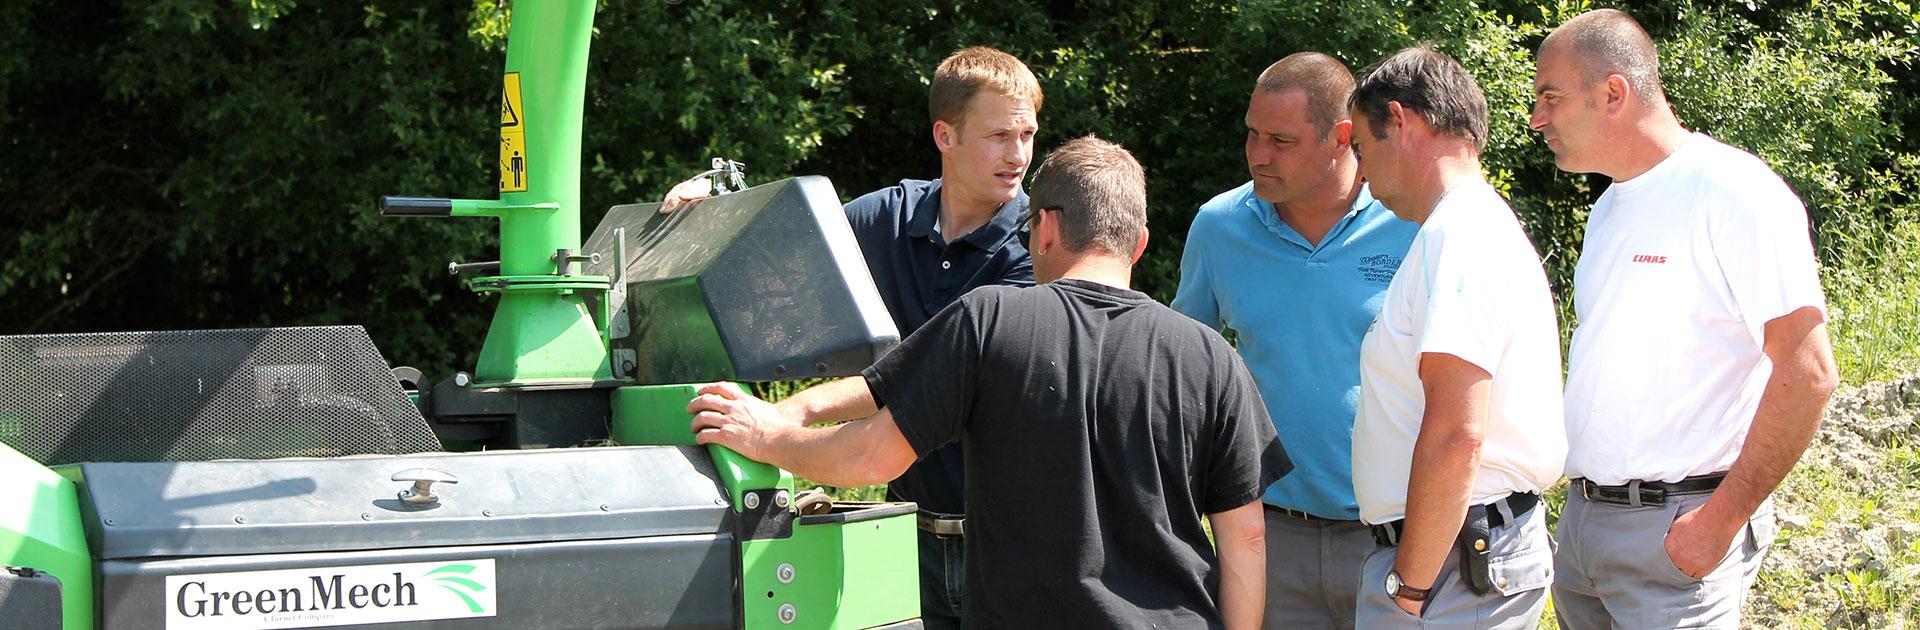 VEGUEMAT - Démonstrations de matériel - Broyeurs de branches et de végétaux GreenMech